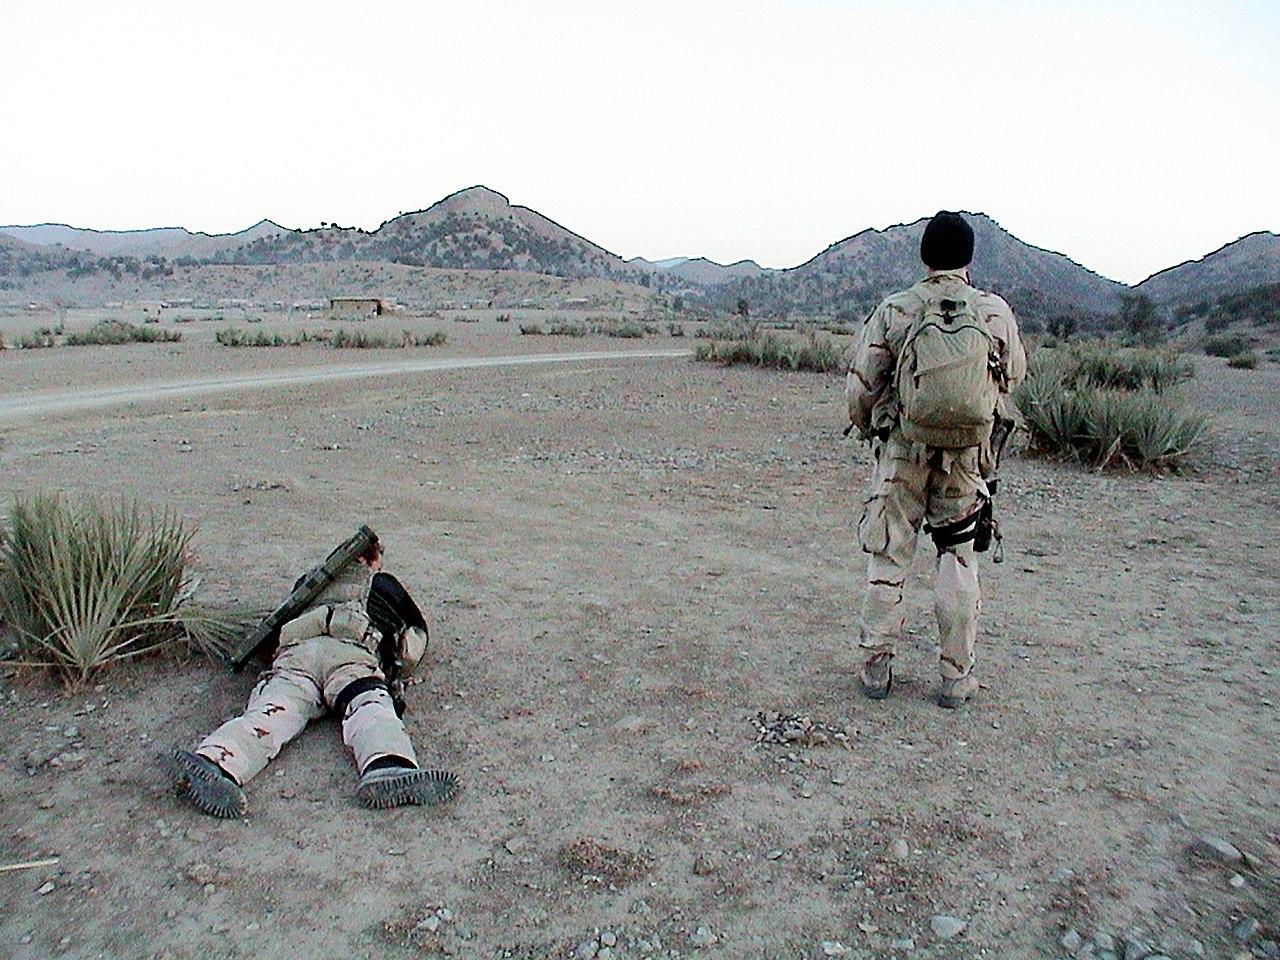 تشكلت في الفرقة الثامنة العراقية وحدة العقارب للاستطلاع خلف خطوط العدو